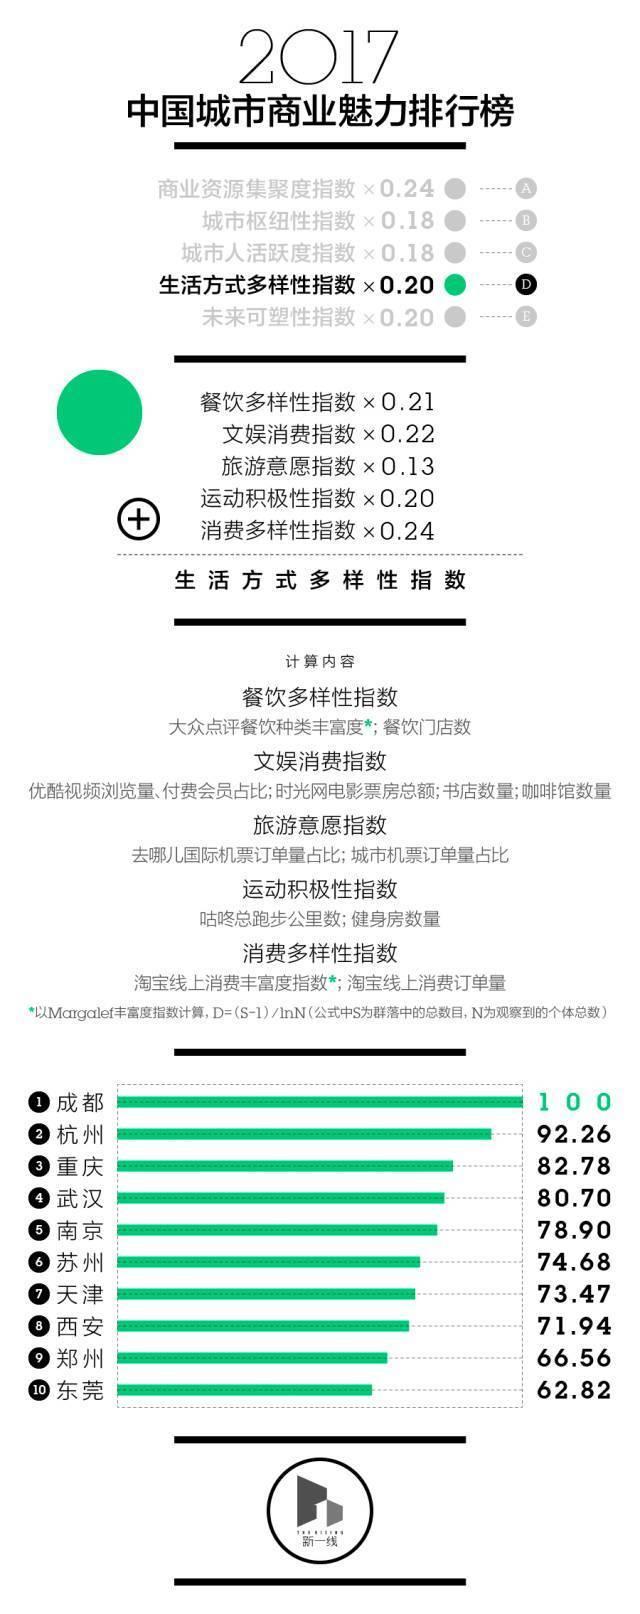 最新中国一二三四五线城市排名出炉!